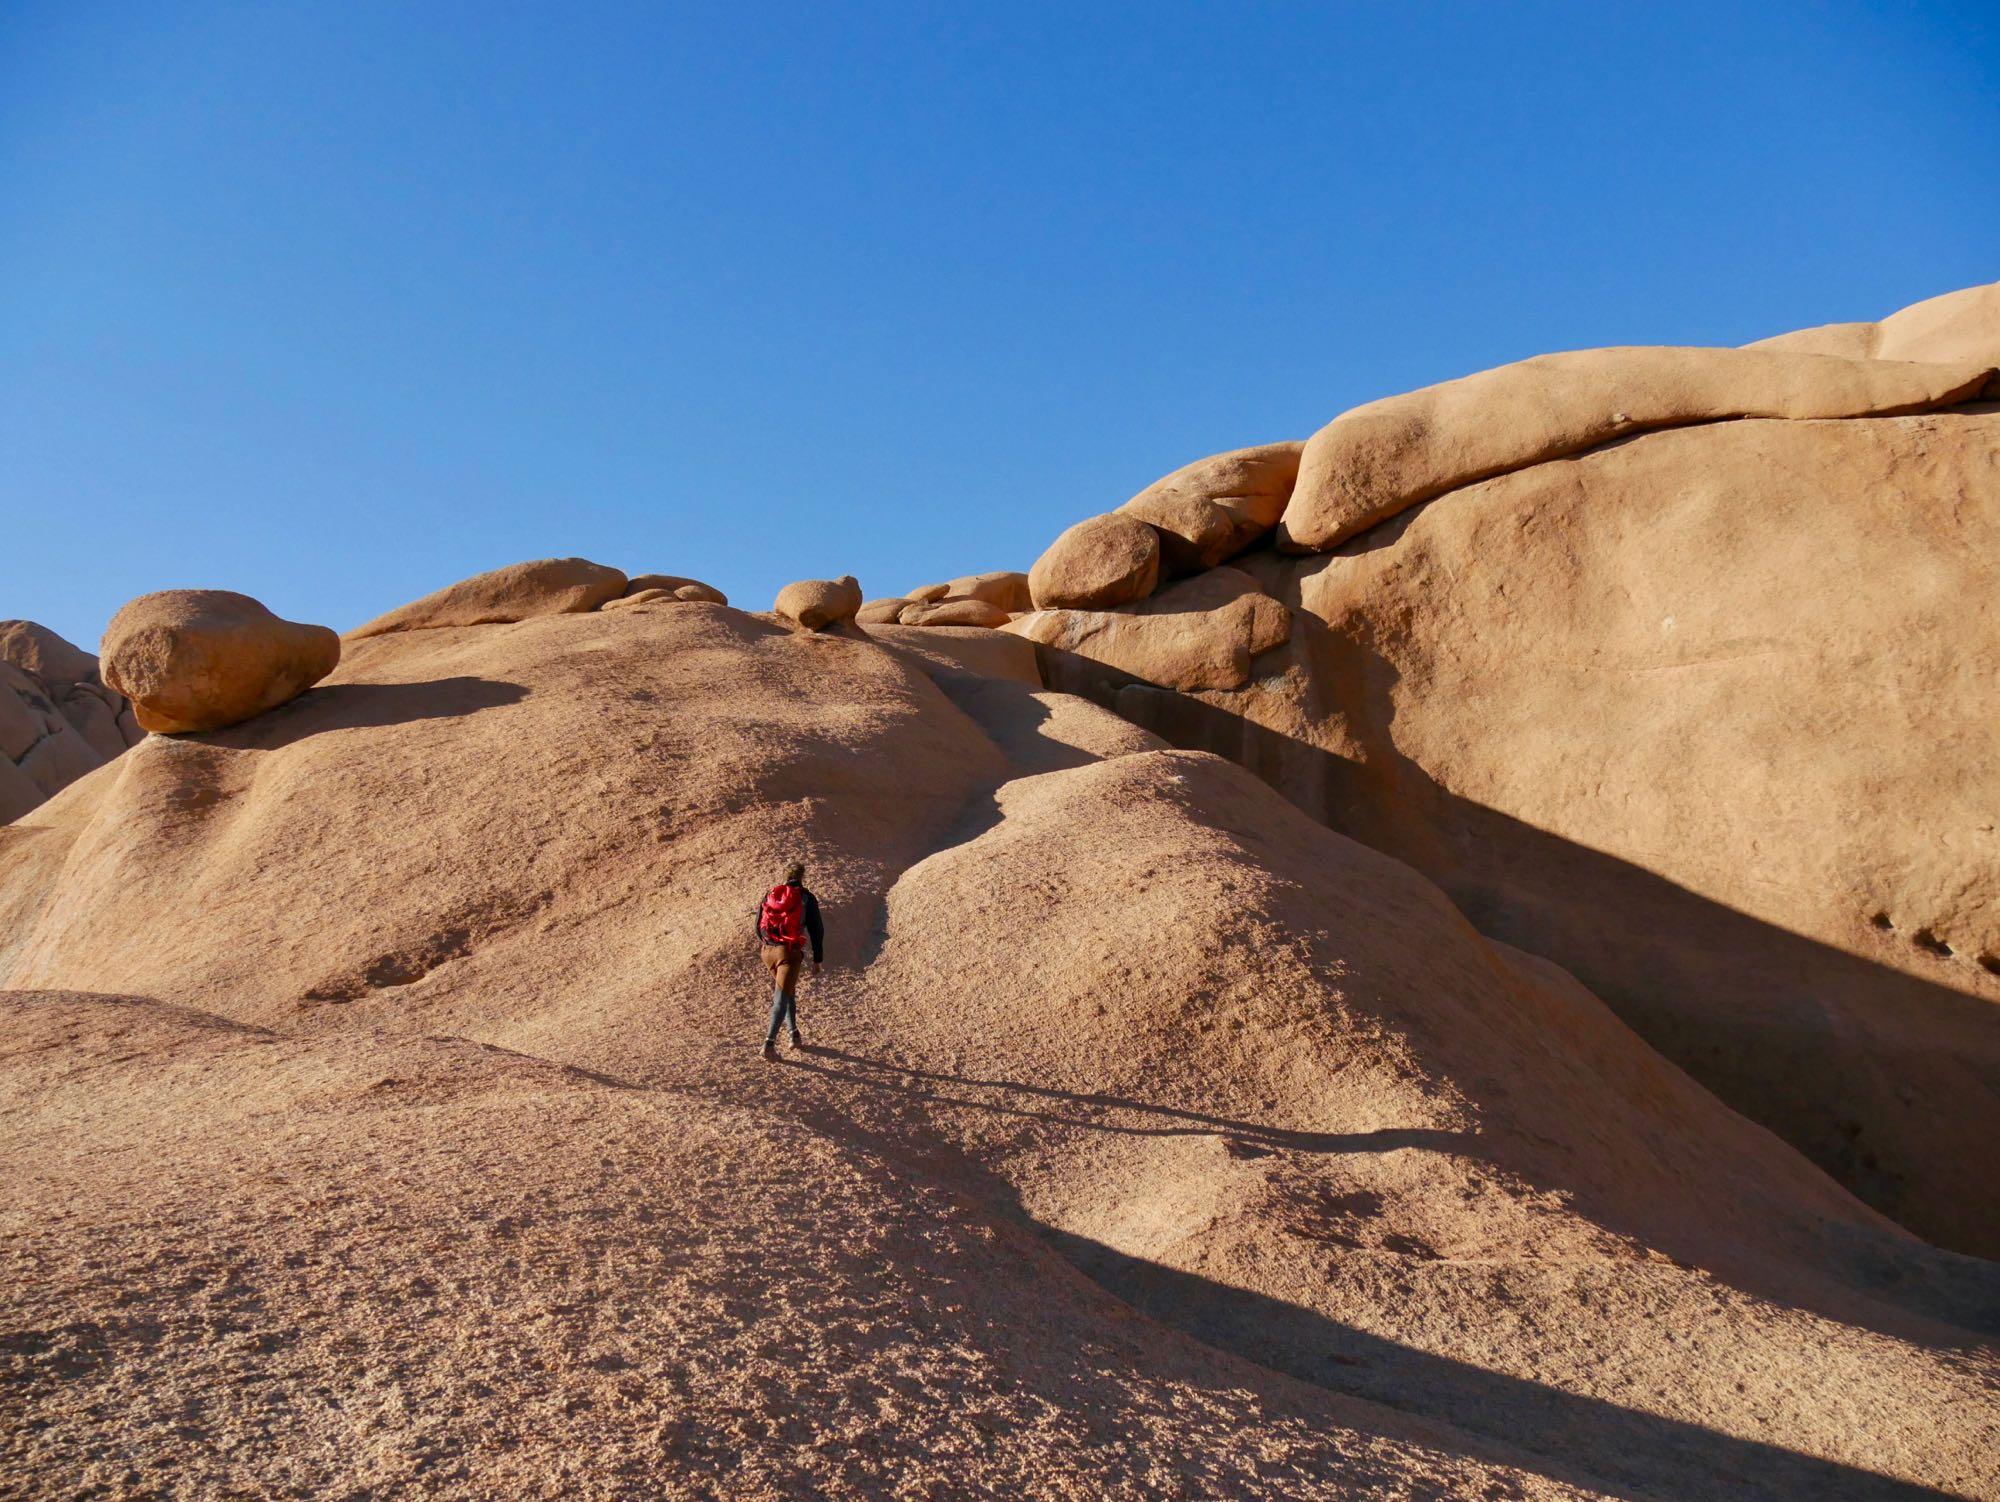 Grimper au sommet d'un rocher au Spitzkoppe